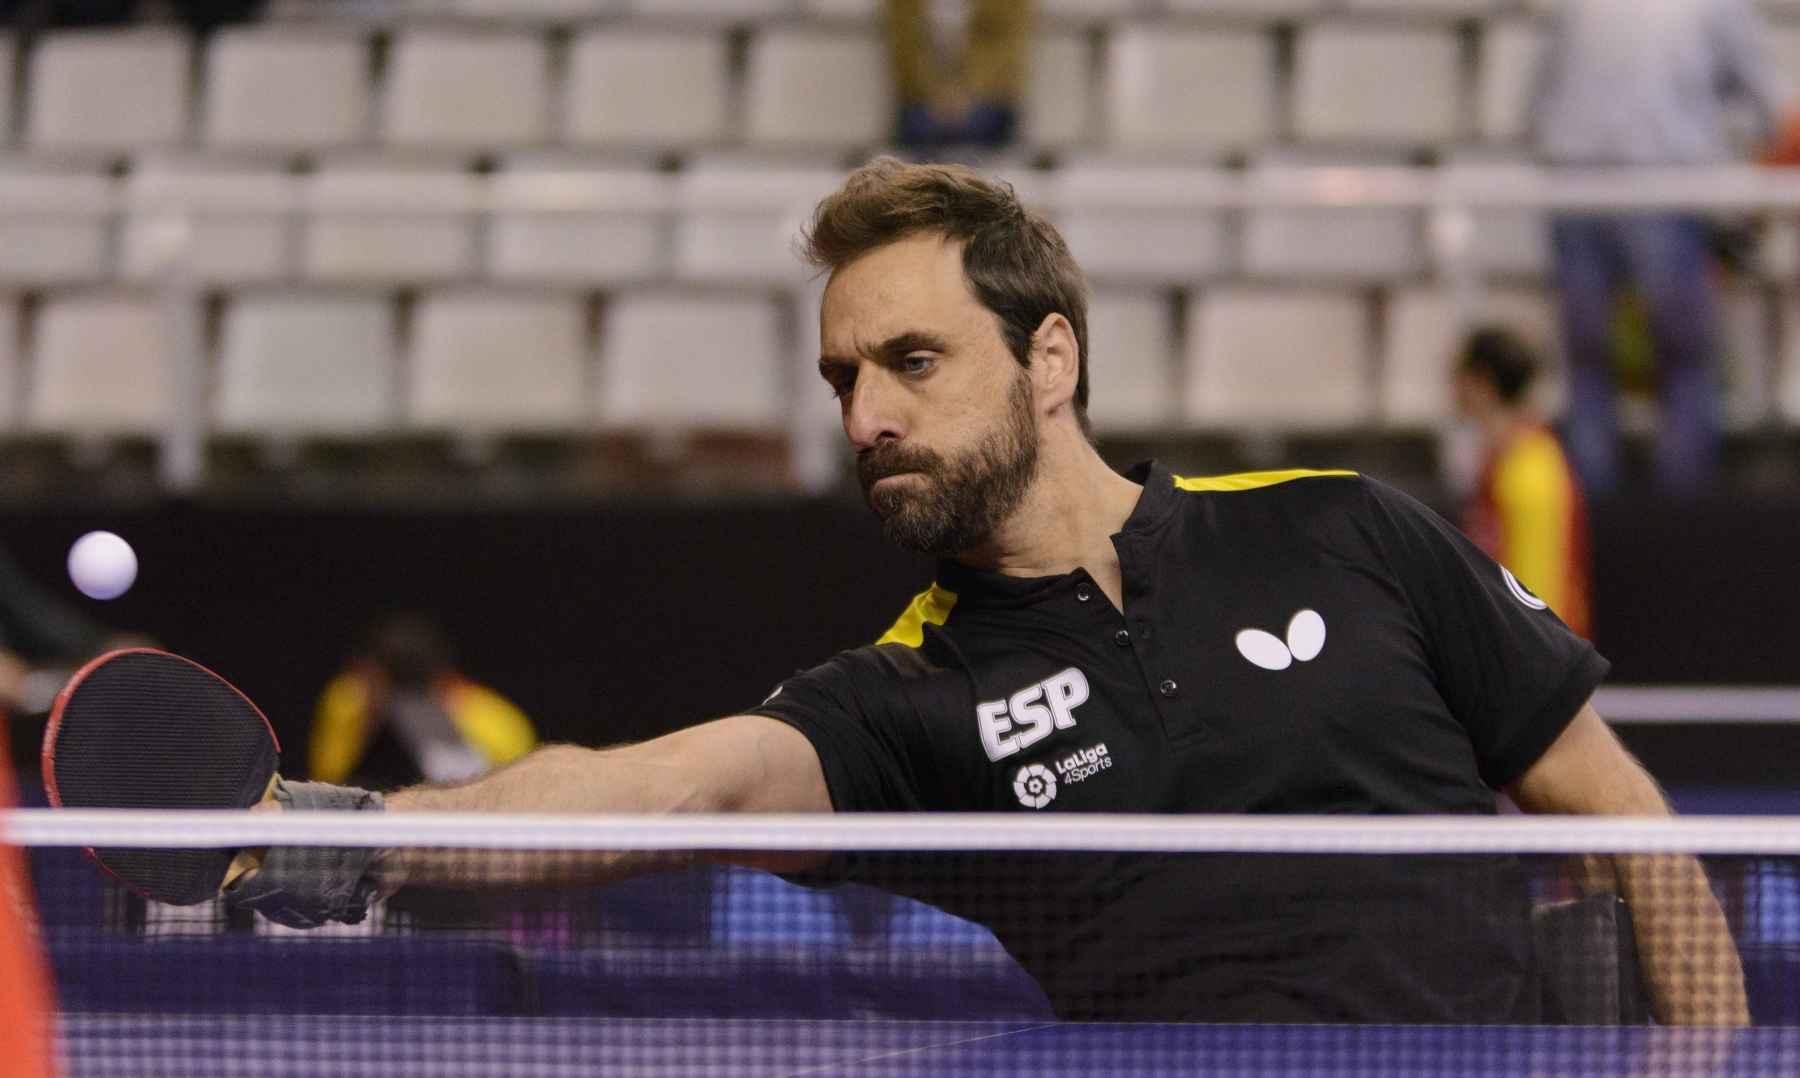 Iker Sastre participando en el ParaTT Spanish Open